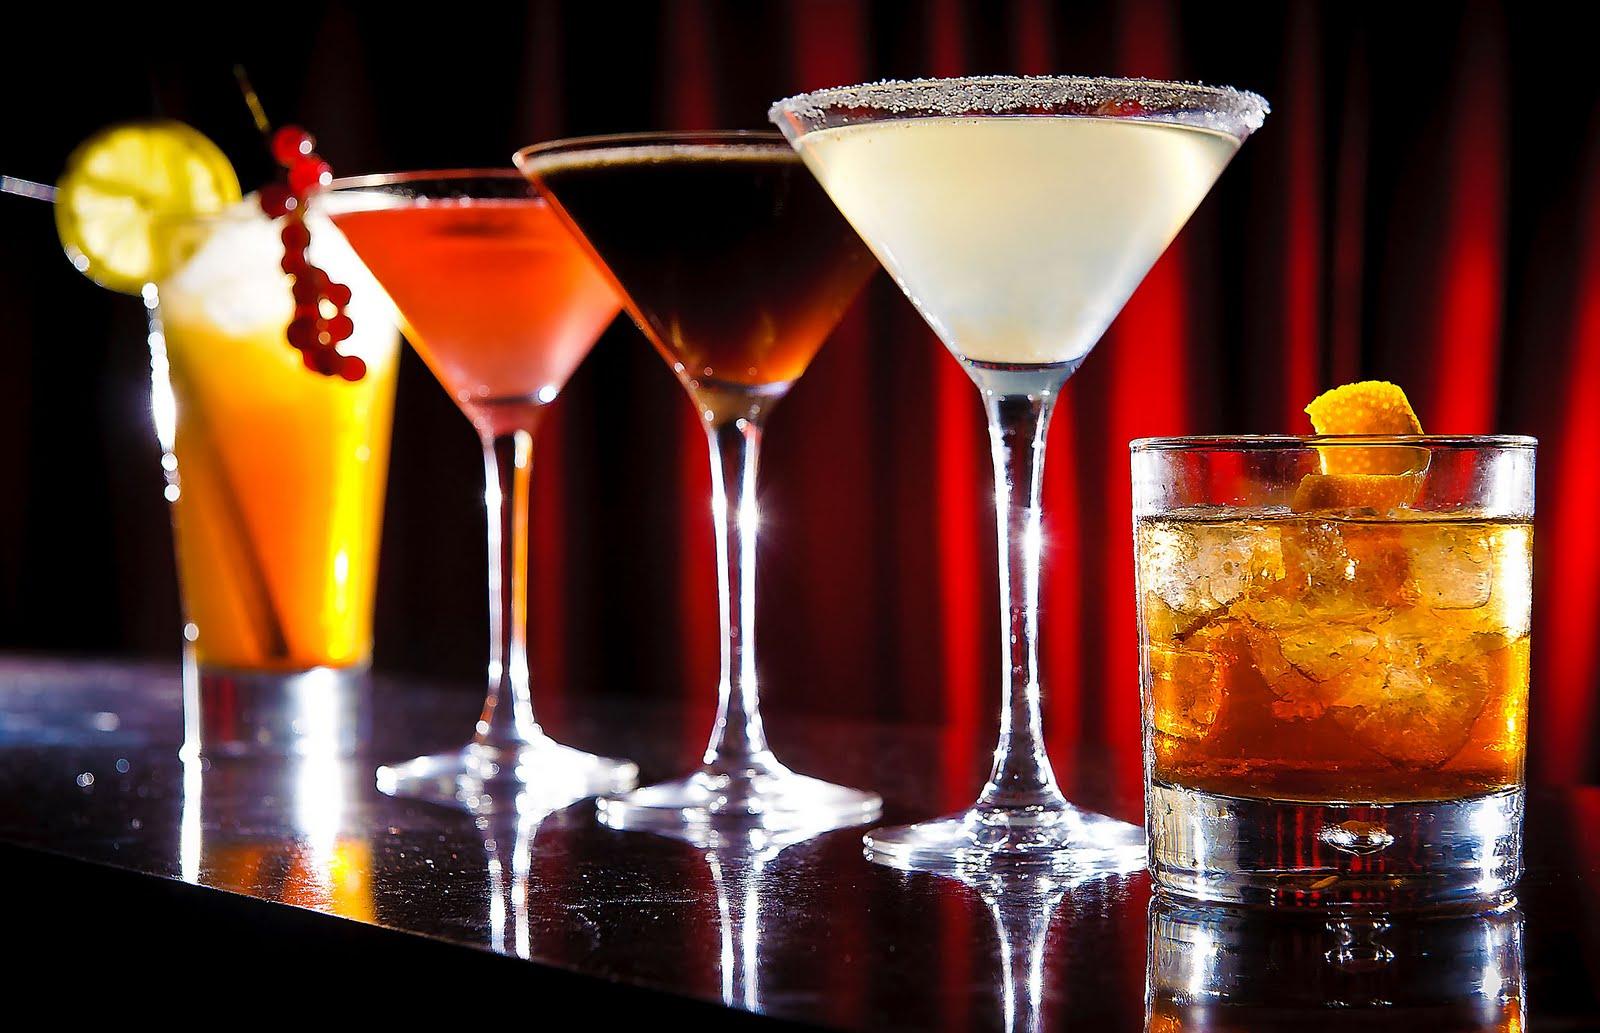 Что пить, чего не миновать в летнюю ночь ИЛИ 10 лучших коктейлей для летней ночи